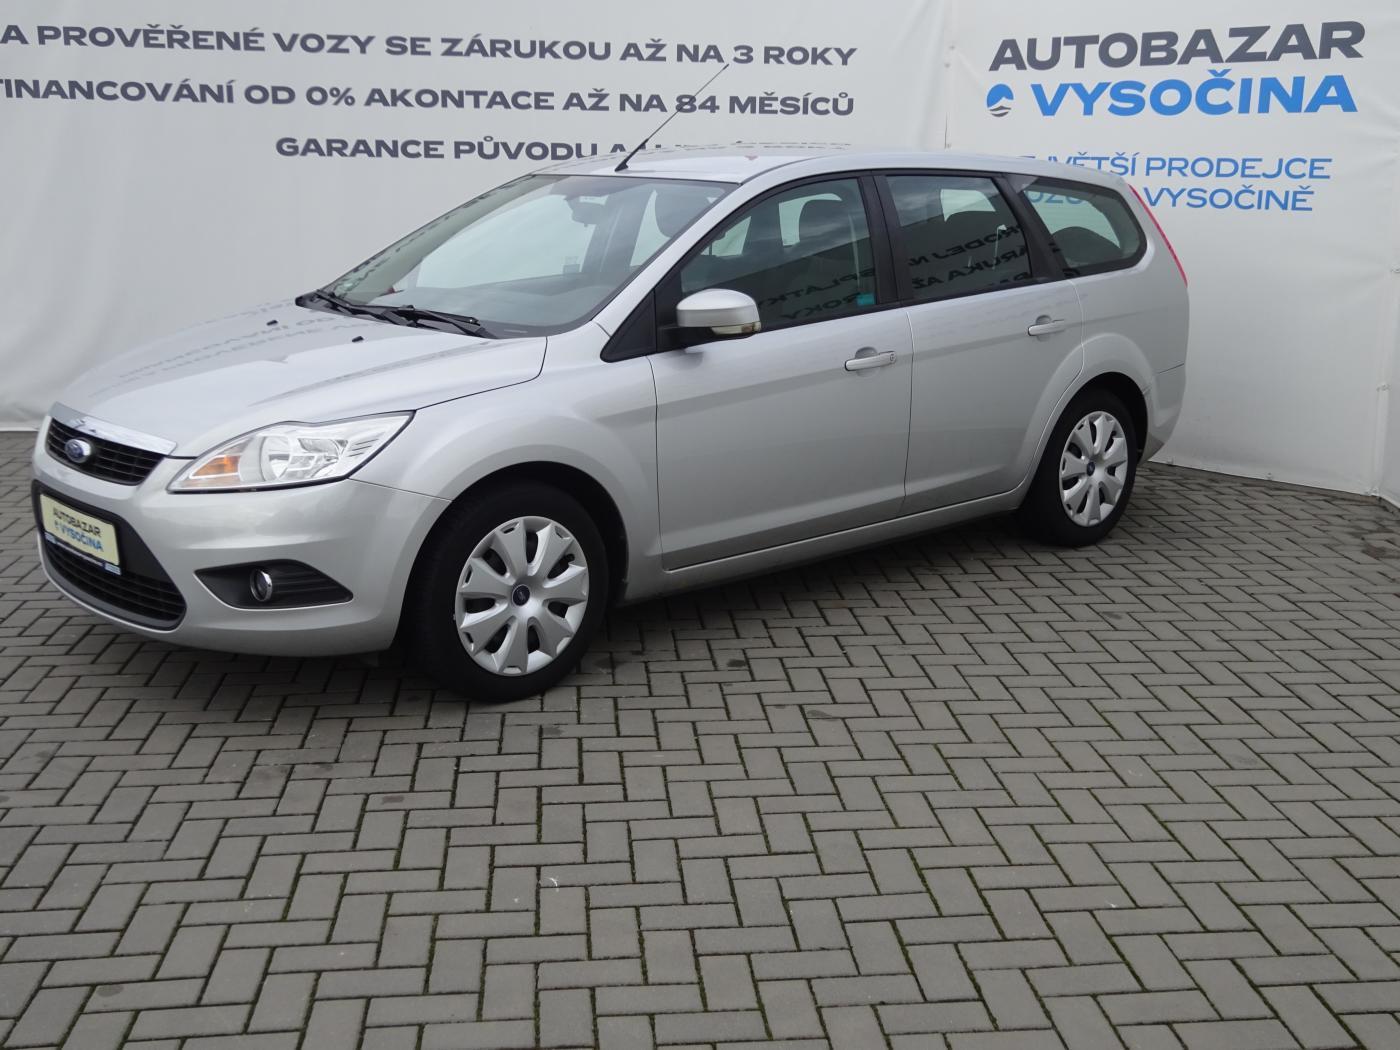 Ford Focus Com.1.6i 16V ČR! SERVIS FORD!!! kombi